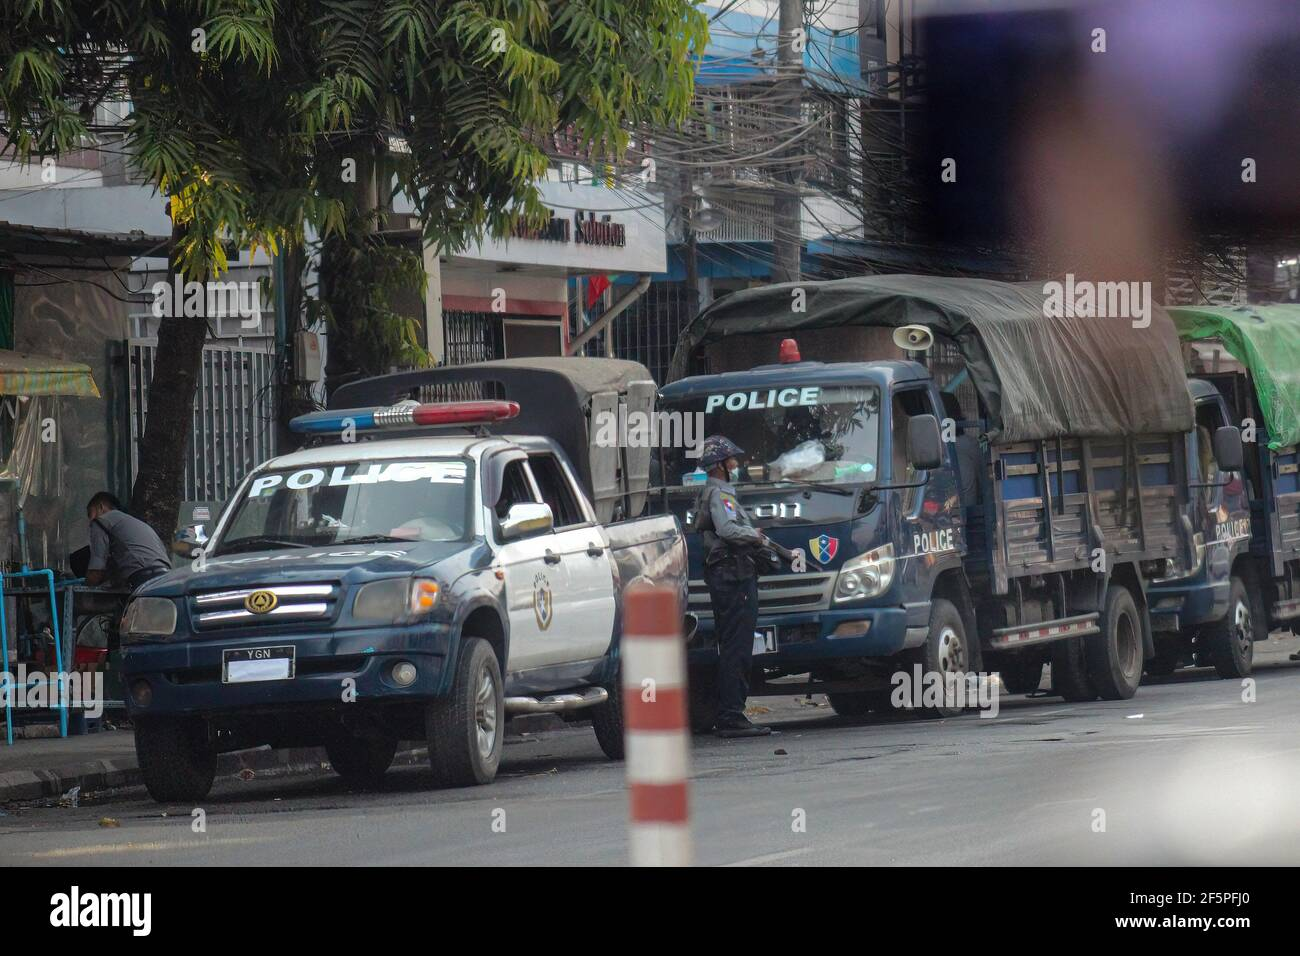 Des camions de police sont stationnés dans la rue lors d'une manifestation contre le coup d'État militaire.la police et les militaires du Myanmar (tatmadow) ont attaqué les manifestants avec des balles en caoutchouc, des munitions réelles, des gaz lacrymogènes et des bombes lacrymogènes en réponse aux manifestants anti-coup d'État militaire de samedi, tuant plus de 90 personnes et en blessant beaucoup d'autres. Au moins 300 personnes ont été tuées au Myanmar depuis le coup d'État du 1er février, a déclaré un responsable des droits de l'homme de l'ONU. L'armée du Myanmar a détenu le conseiller d'État du Myanmar Aung San Suu Kyi le 01 février 2021 et a déclaré l'état d'urgence tout en prenant le pouvoir Banque D'Images